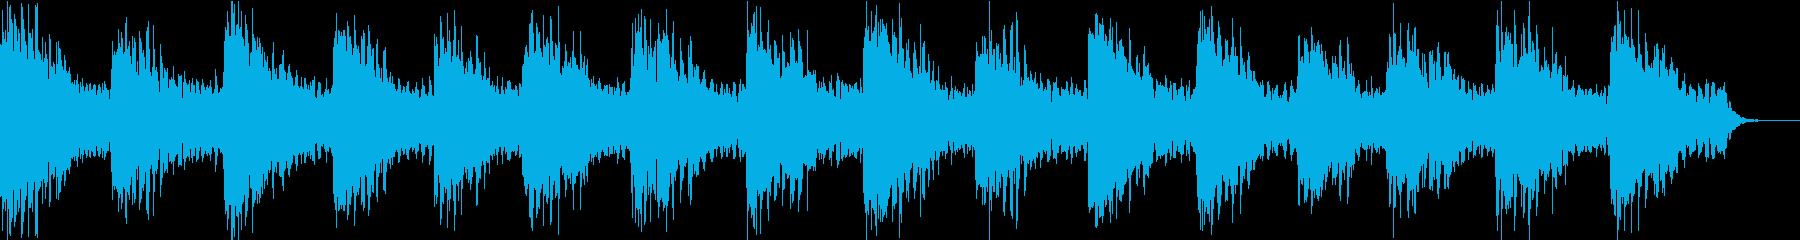 ヒーリング系のアンビエントの再生済みの波形